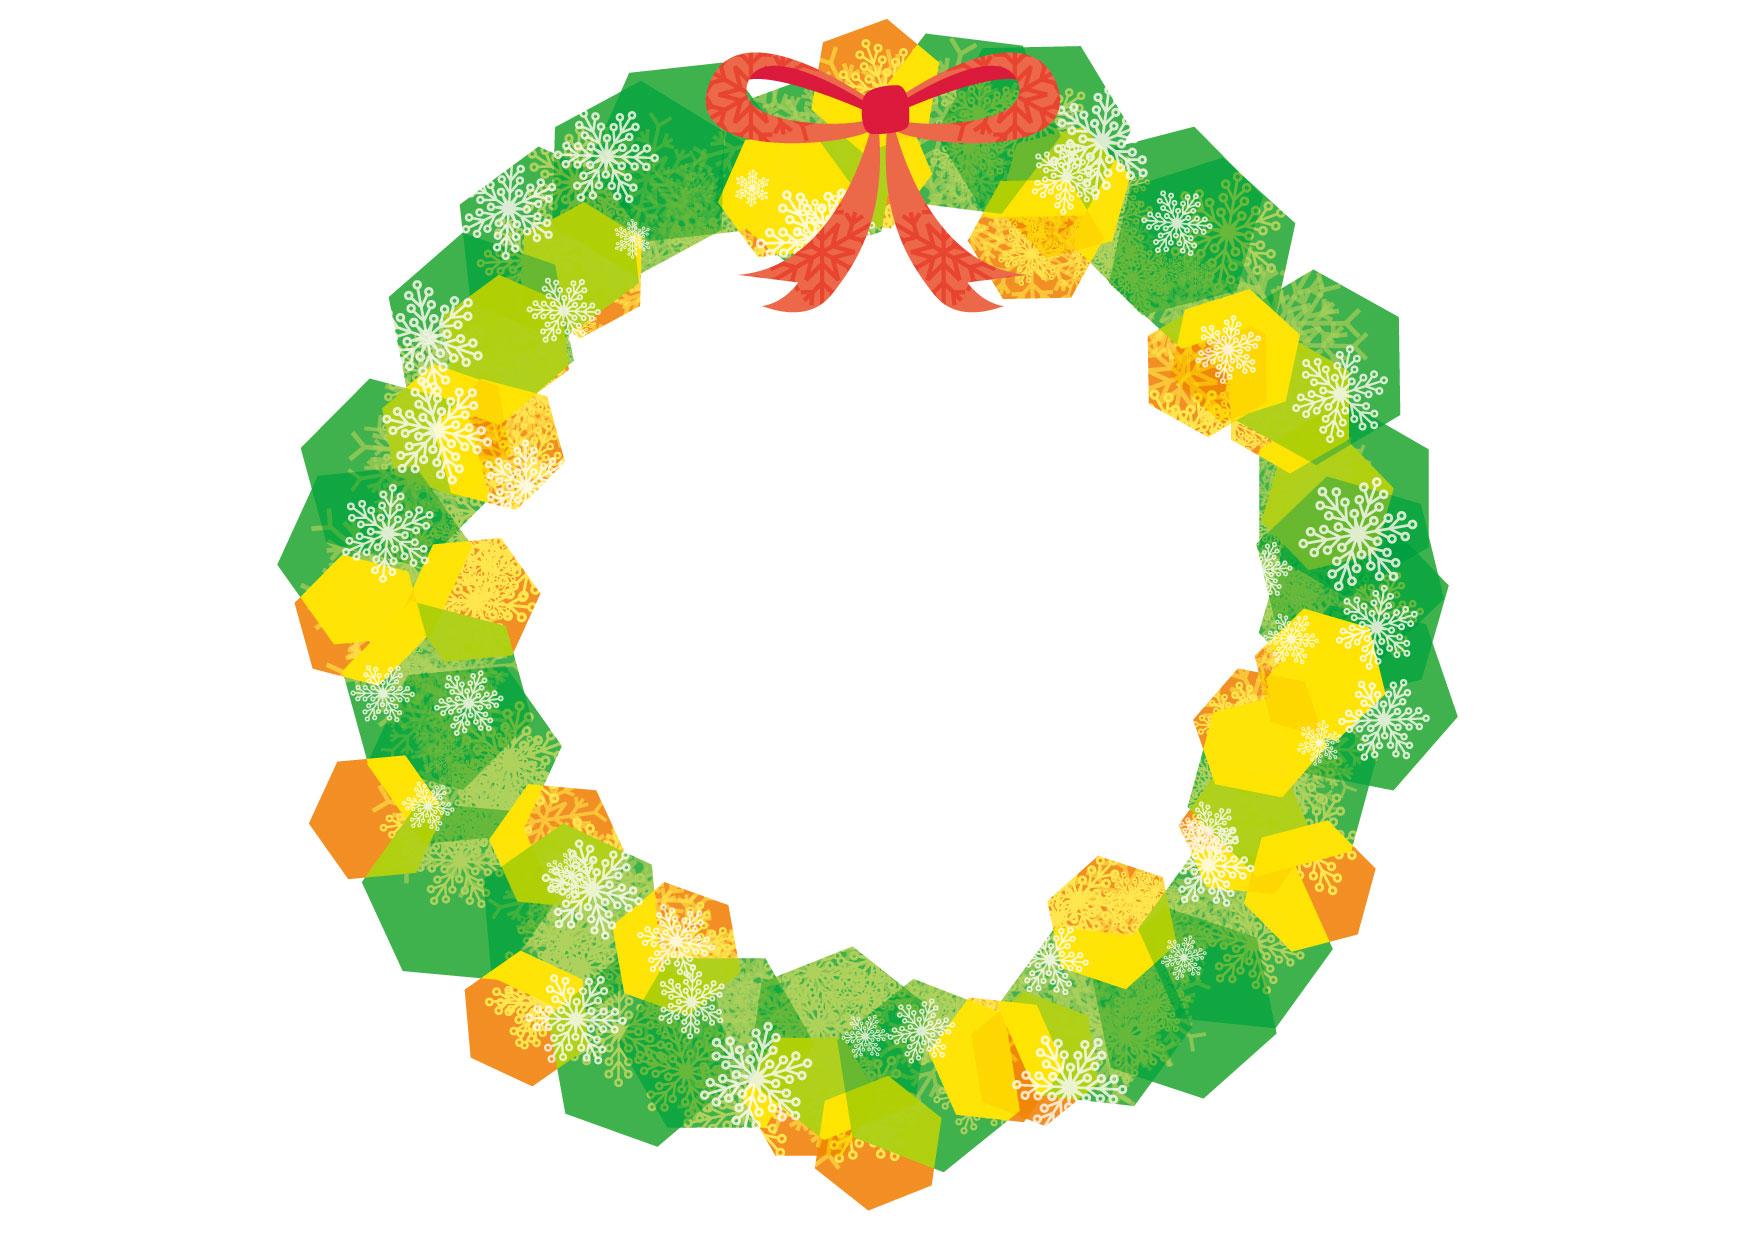 可愛いイラスト無料 クリスマスリース 緑色 − free illustration Christmas wreath green